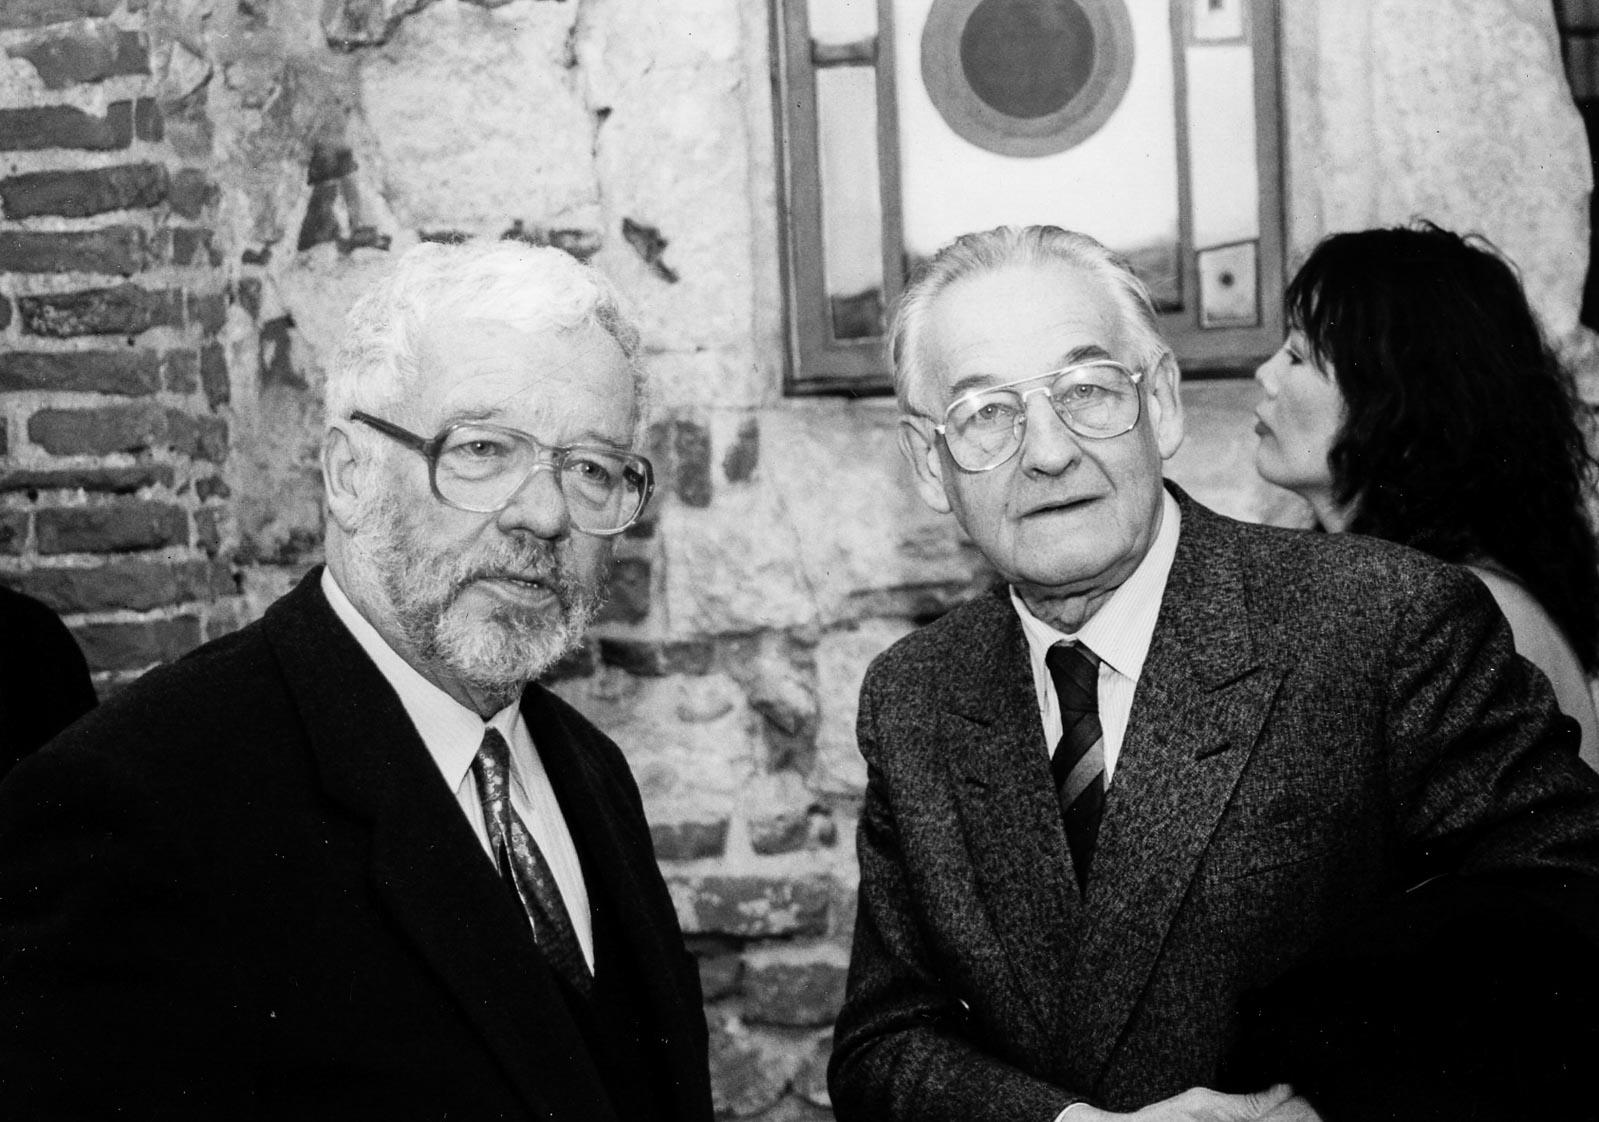 Z Andrzejem Wajdą, luty 1990